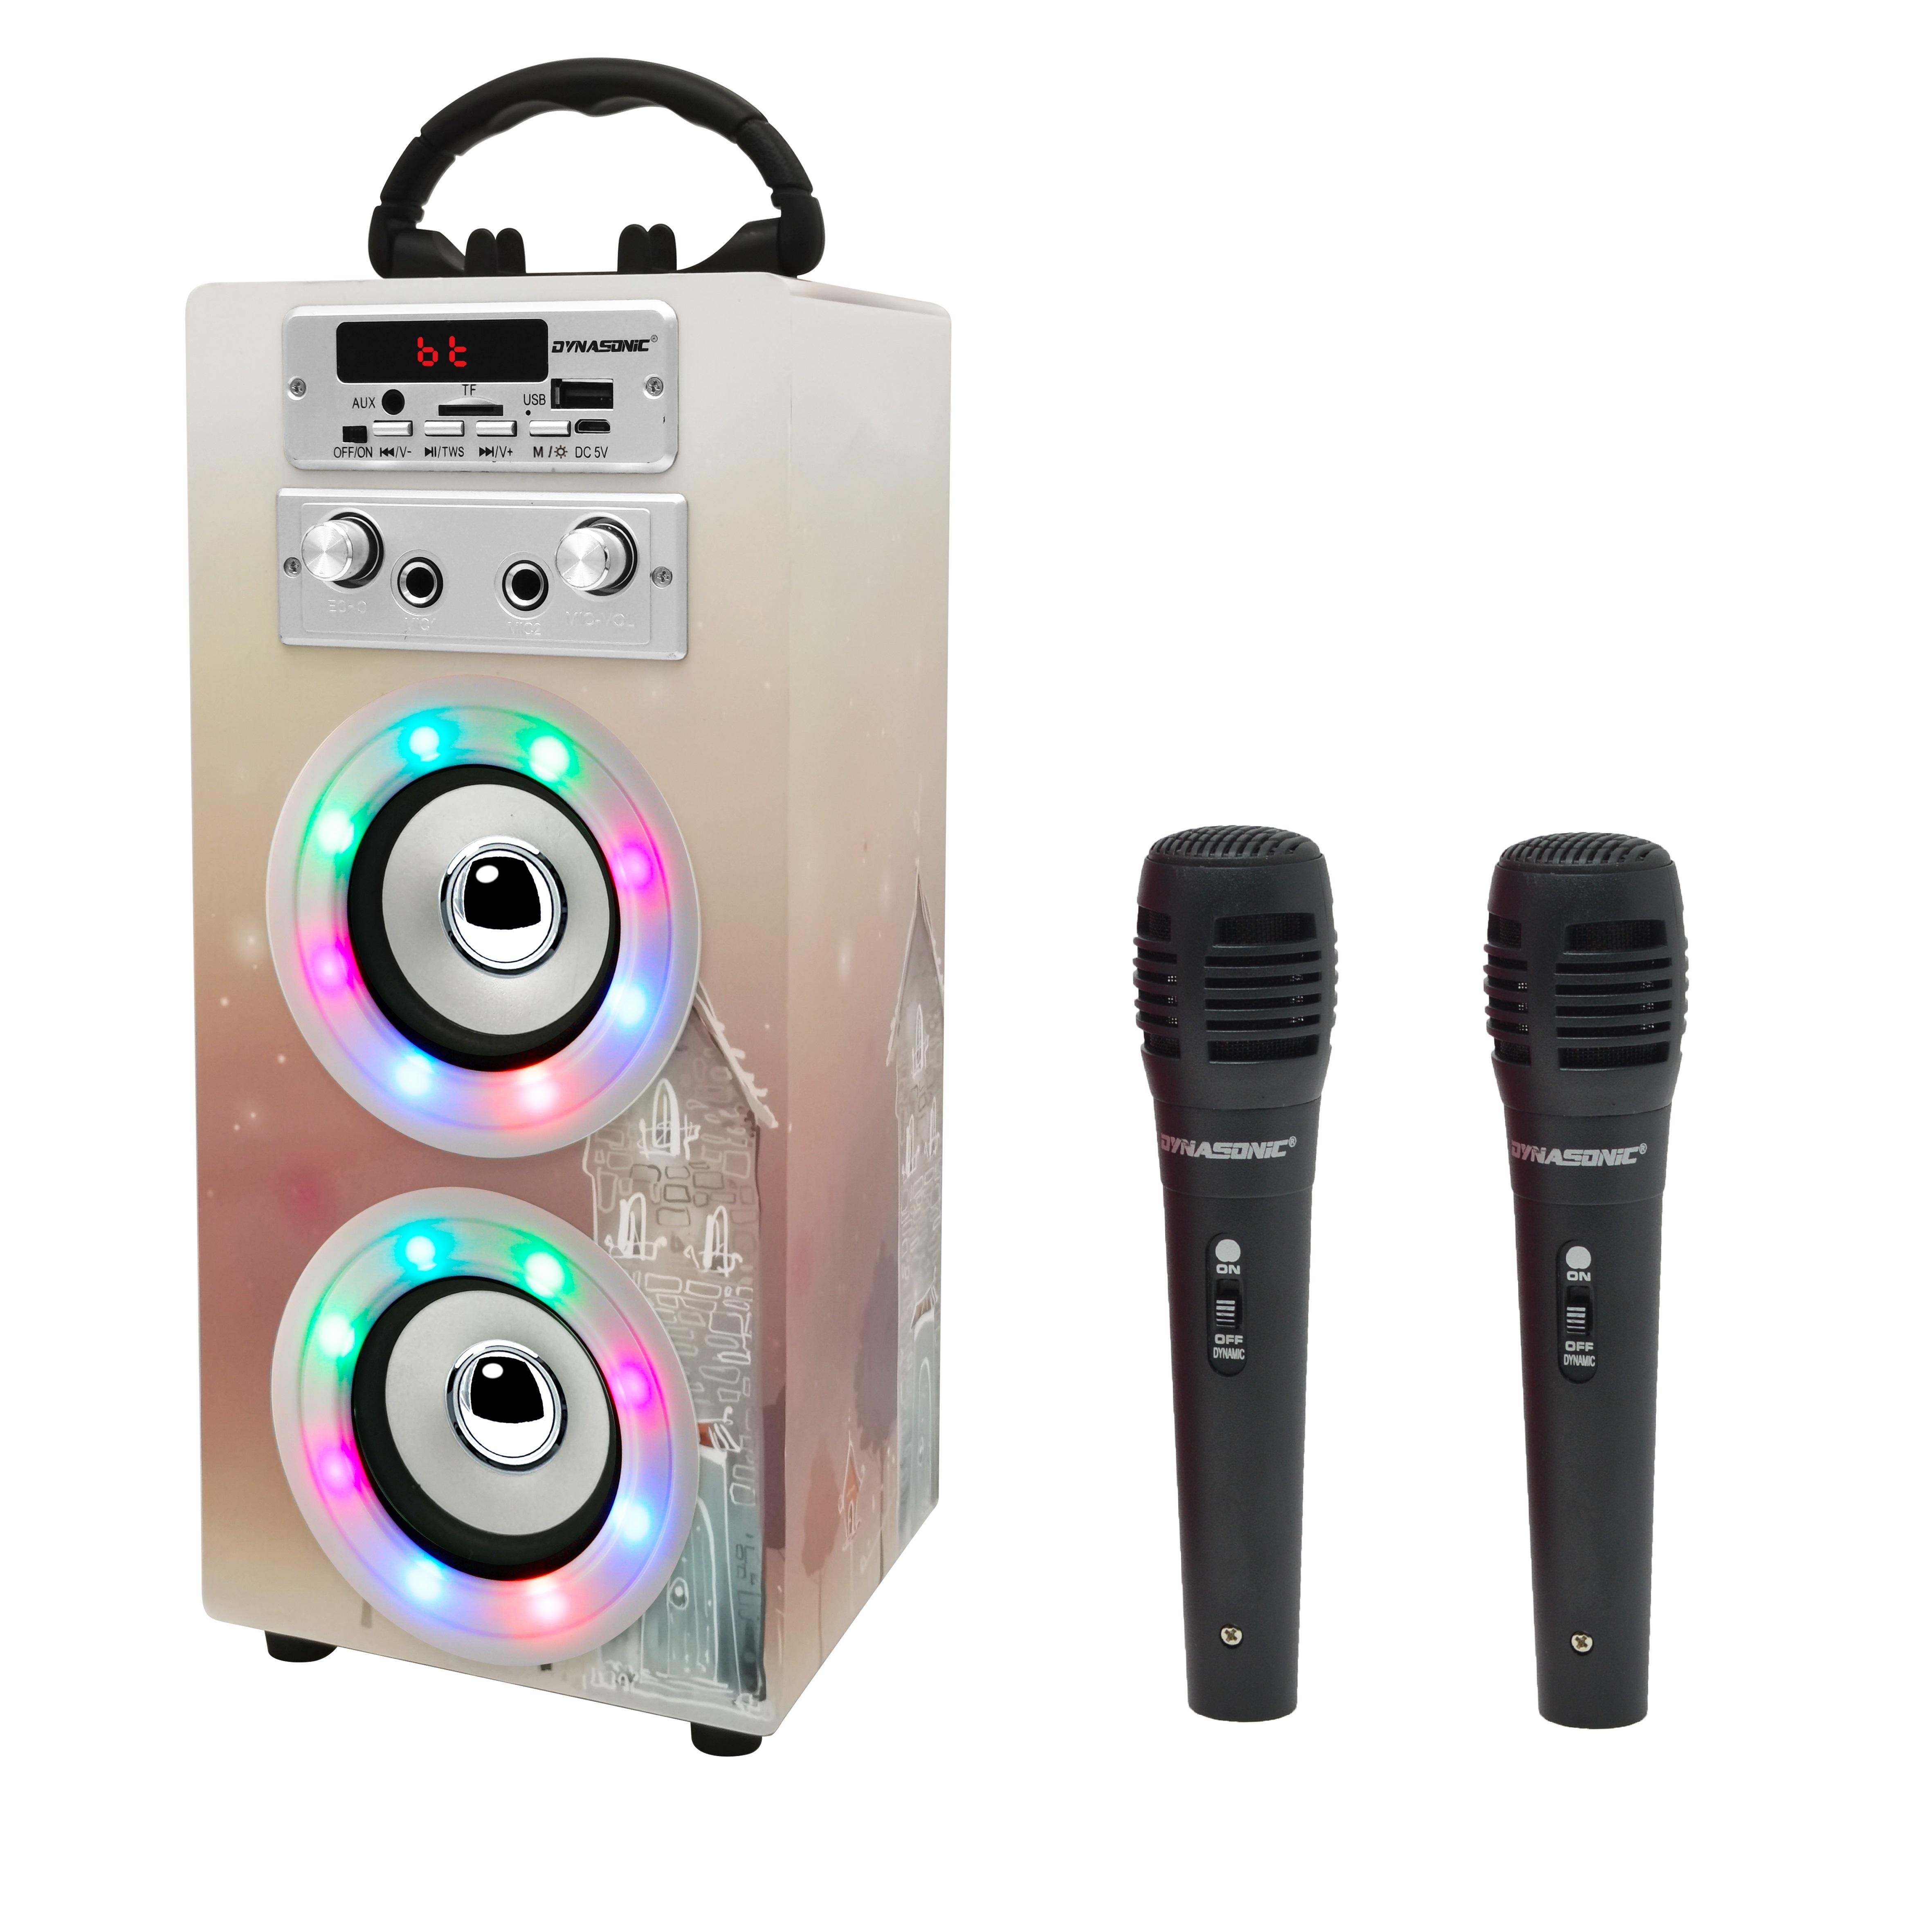 altavoz karaoke modelo 025.19